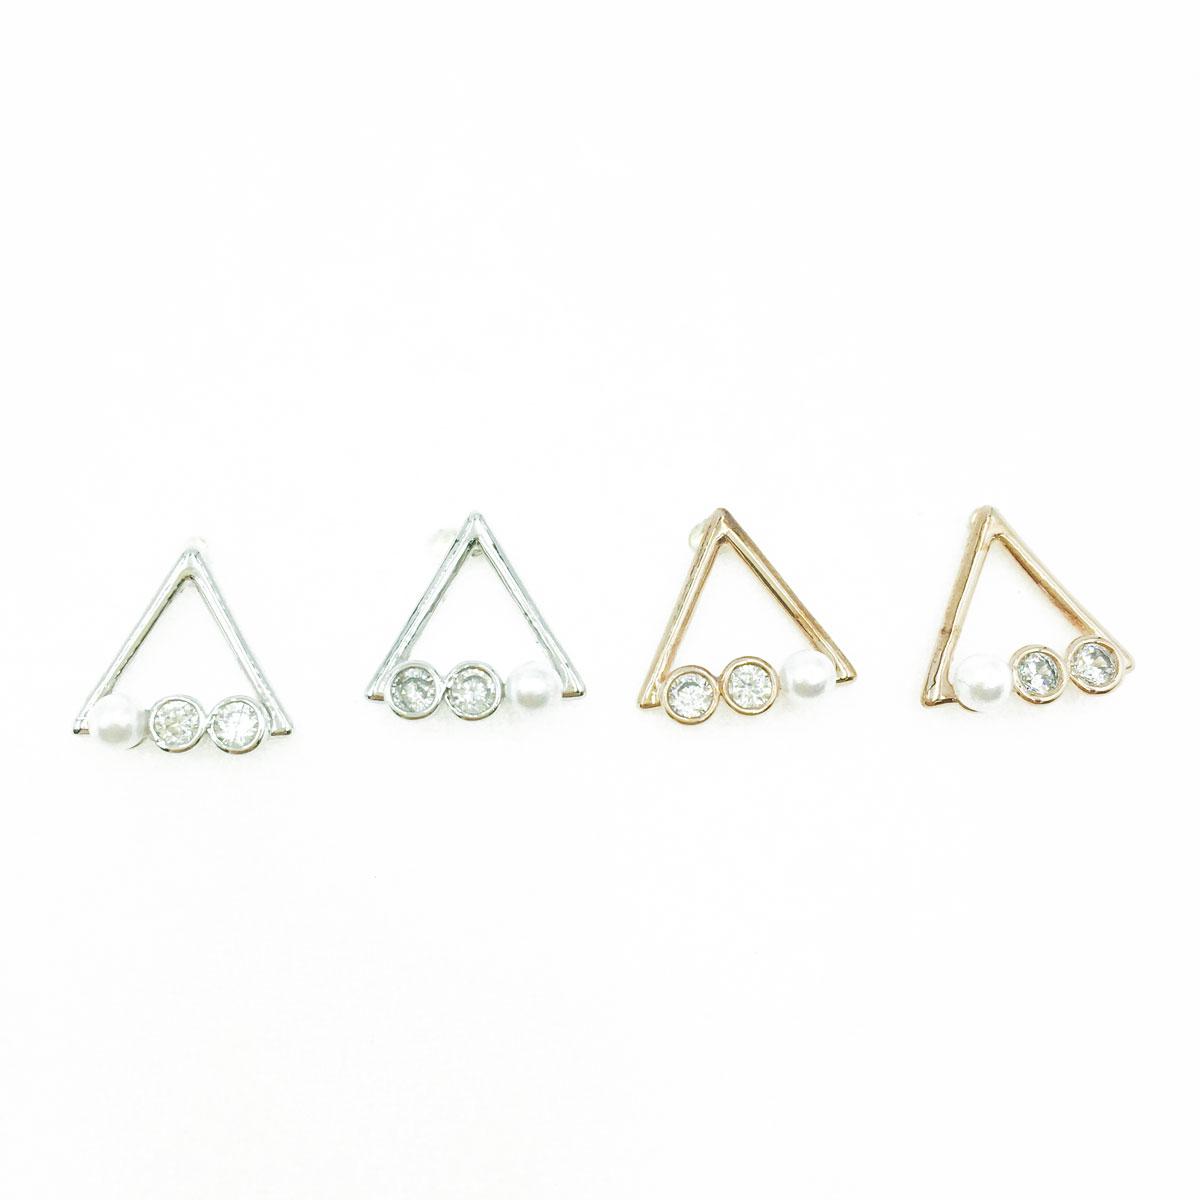 韓國 925純銀 水鑽 珍珠 三角 造型 銀 玫瑰金 耳針式耳環